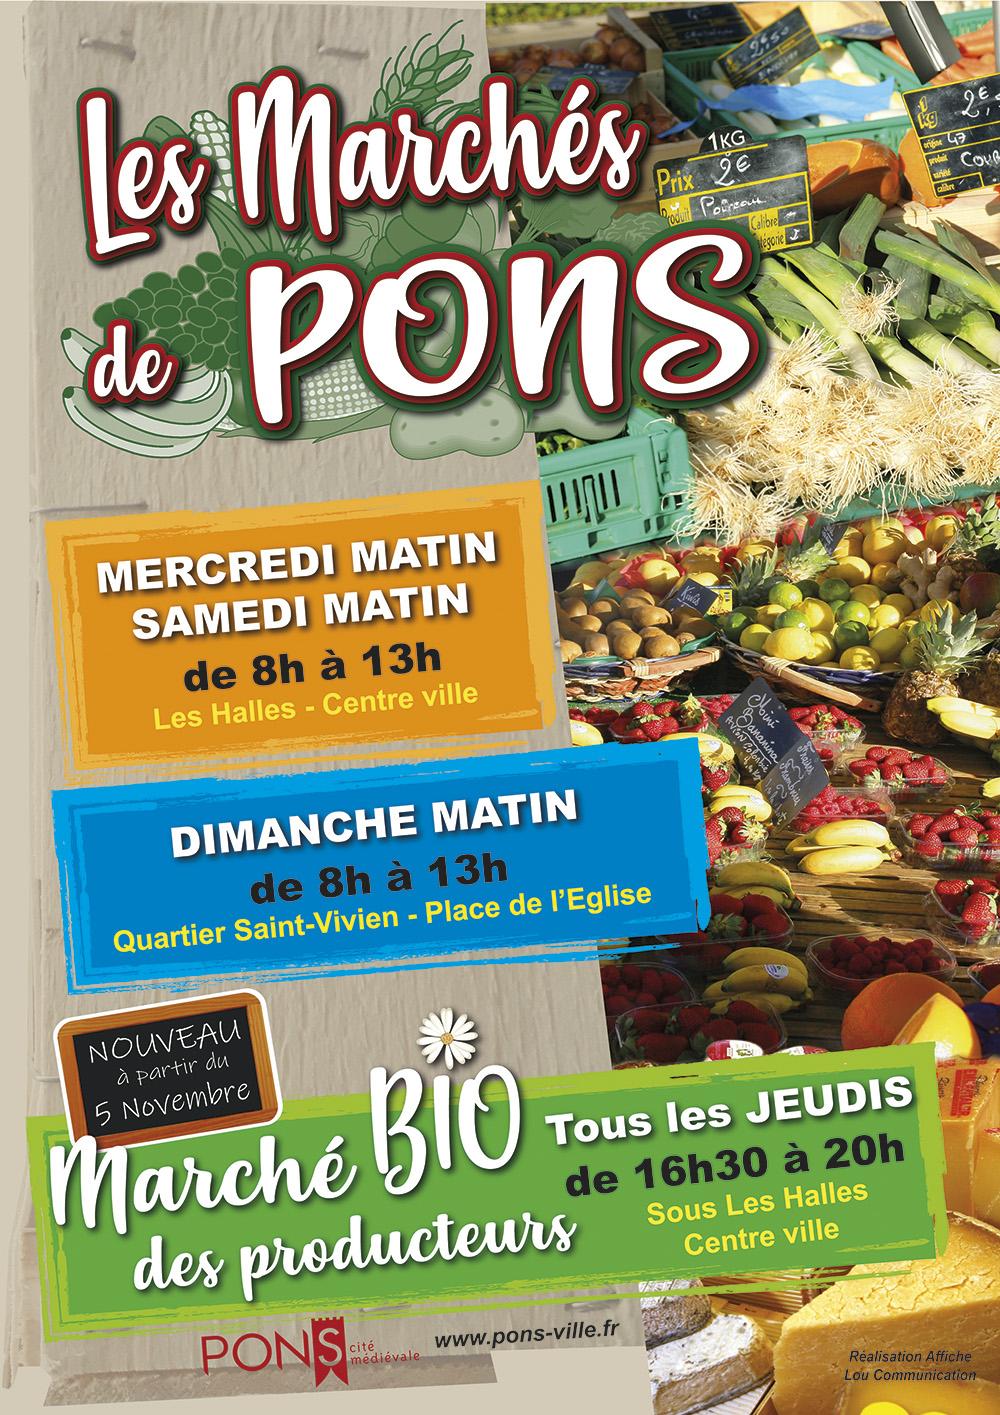 Marchés à Pons - Marché bio